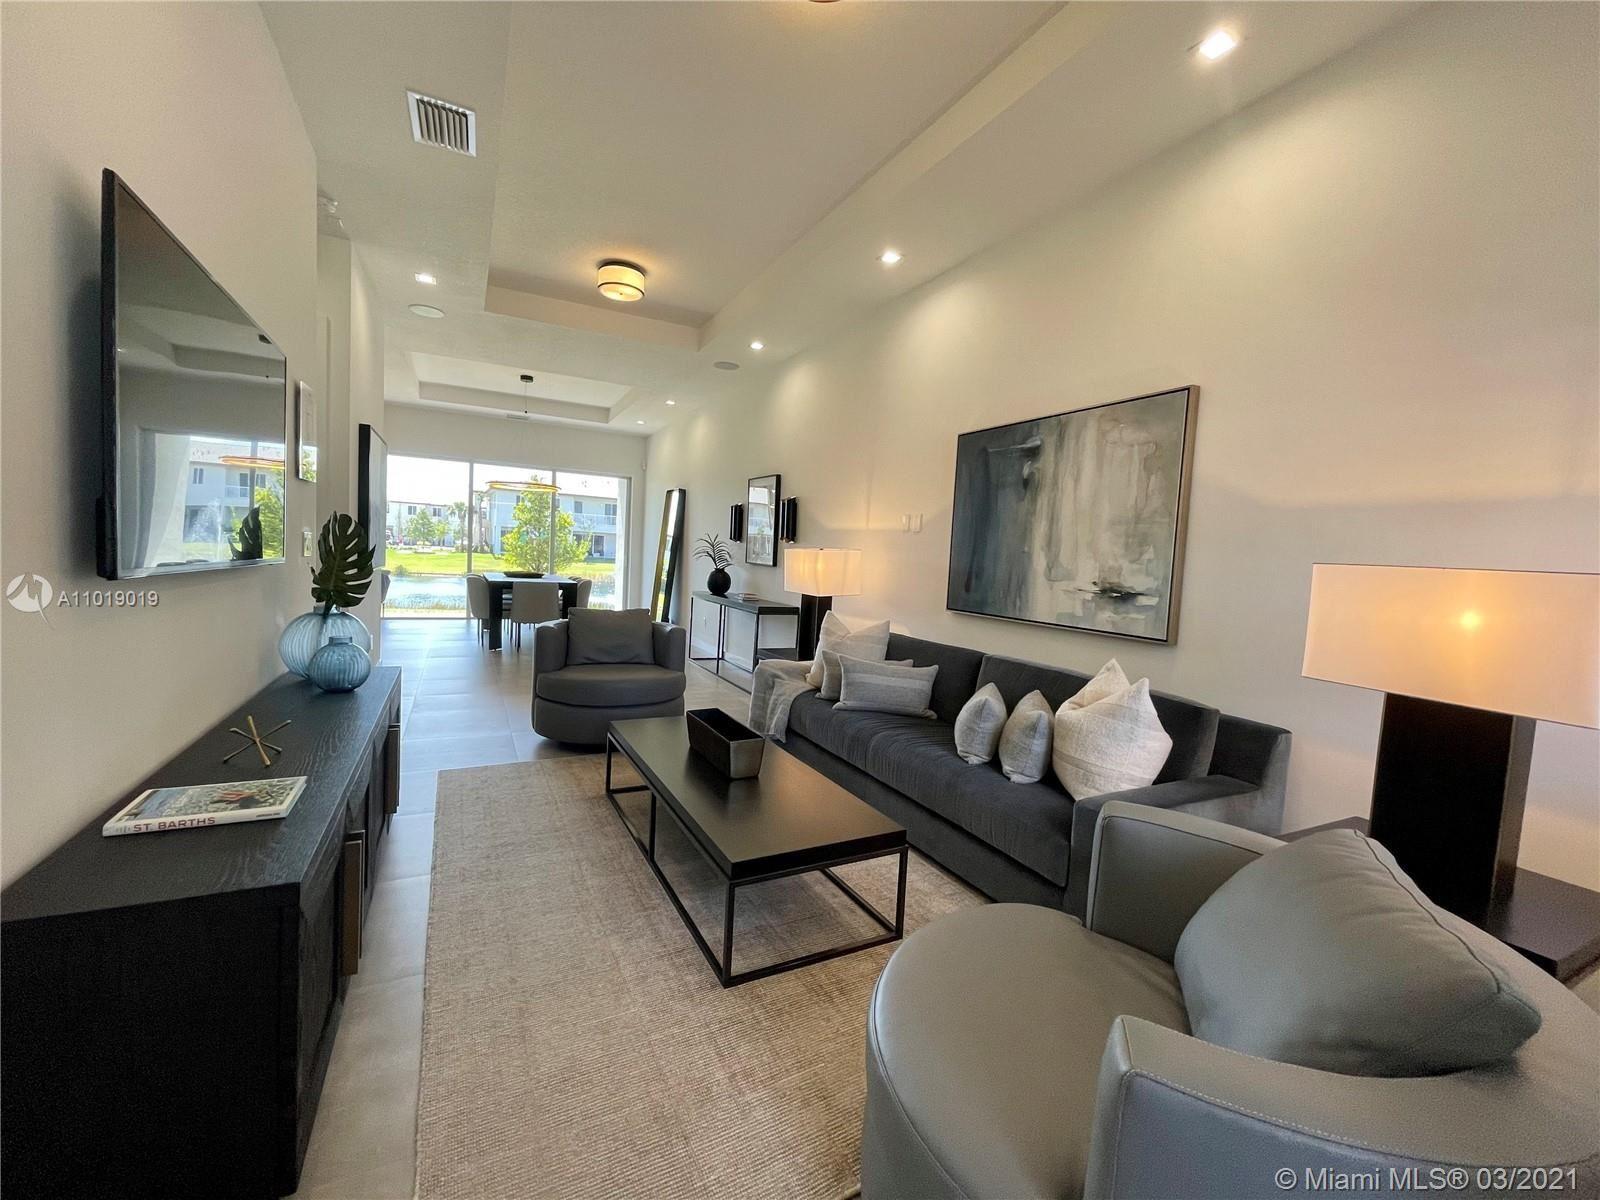 1631 Pioneer Way, Royal Palm Beach, FL 33411 - #: A11019019